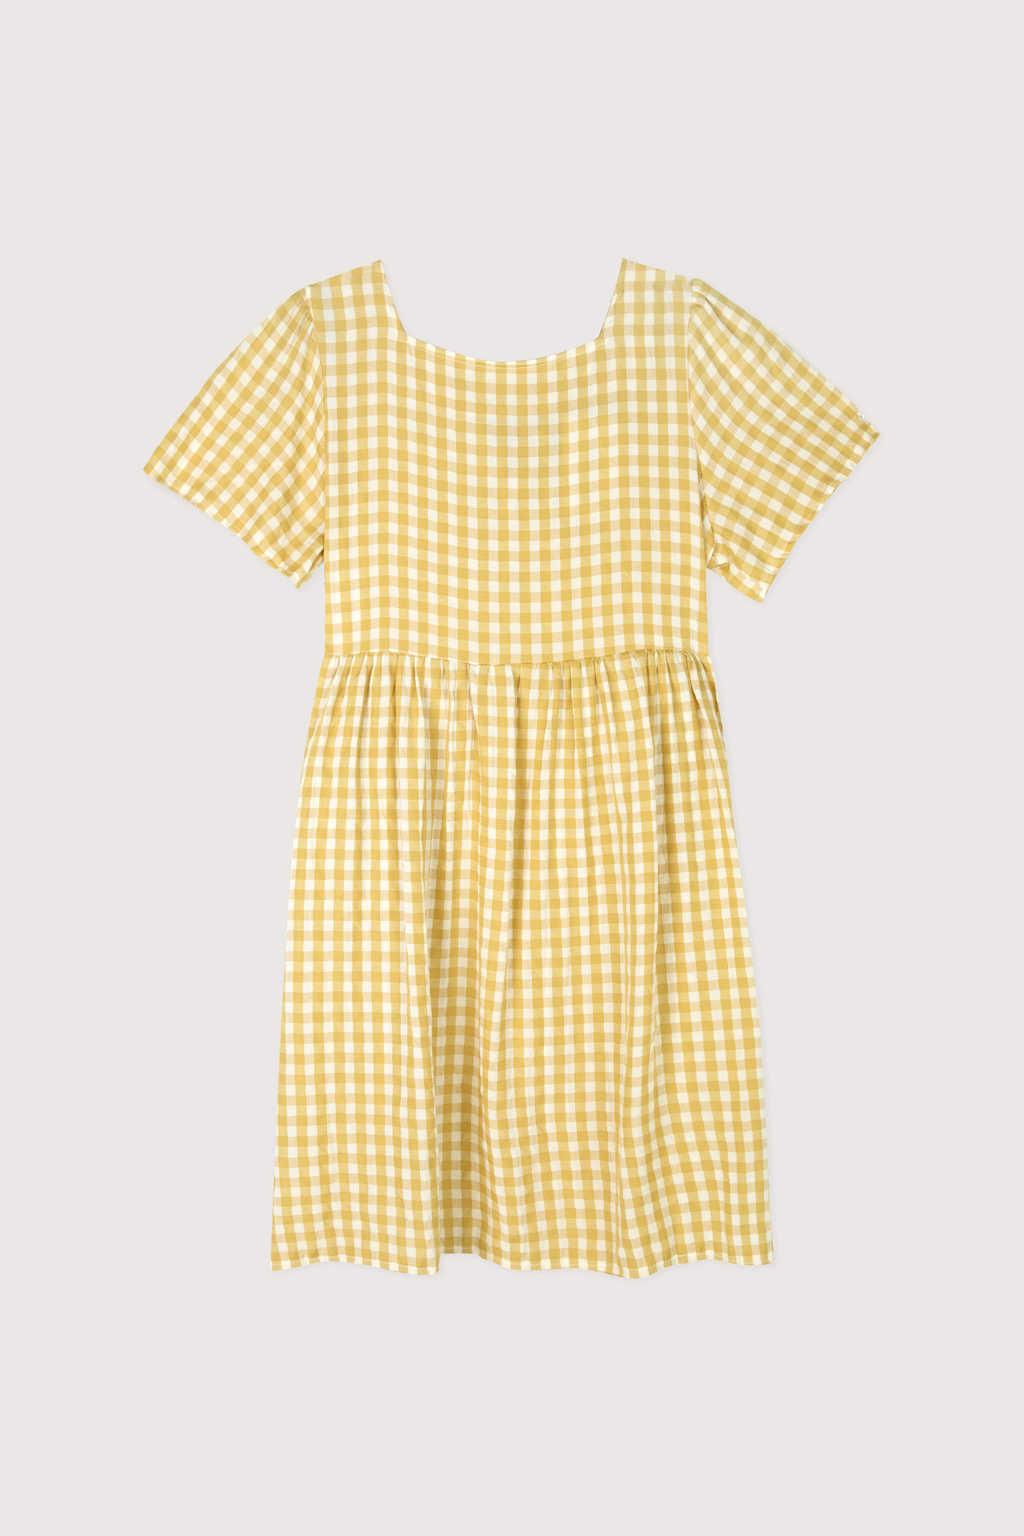 Dress K009 Mustard 5